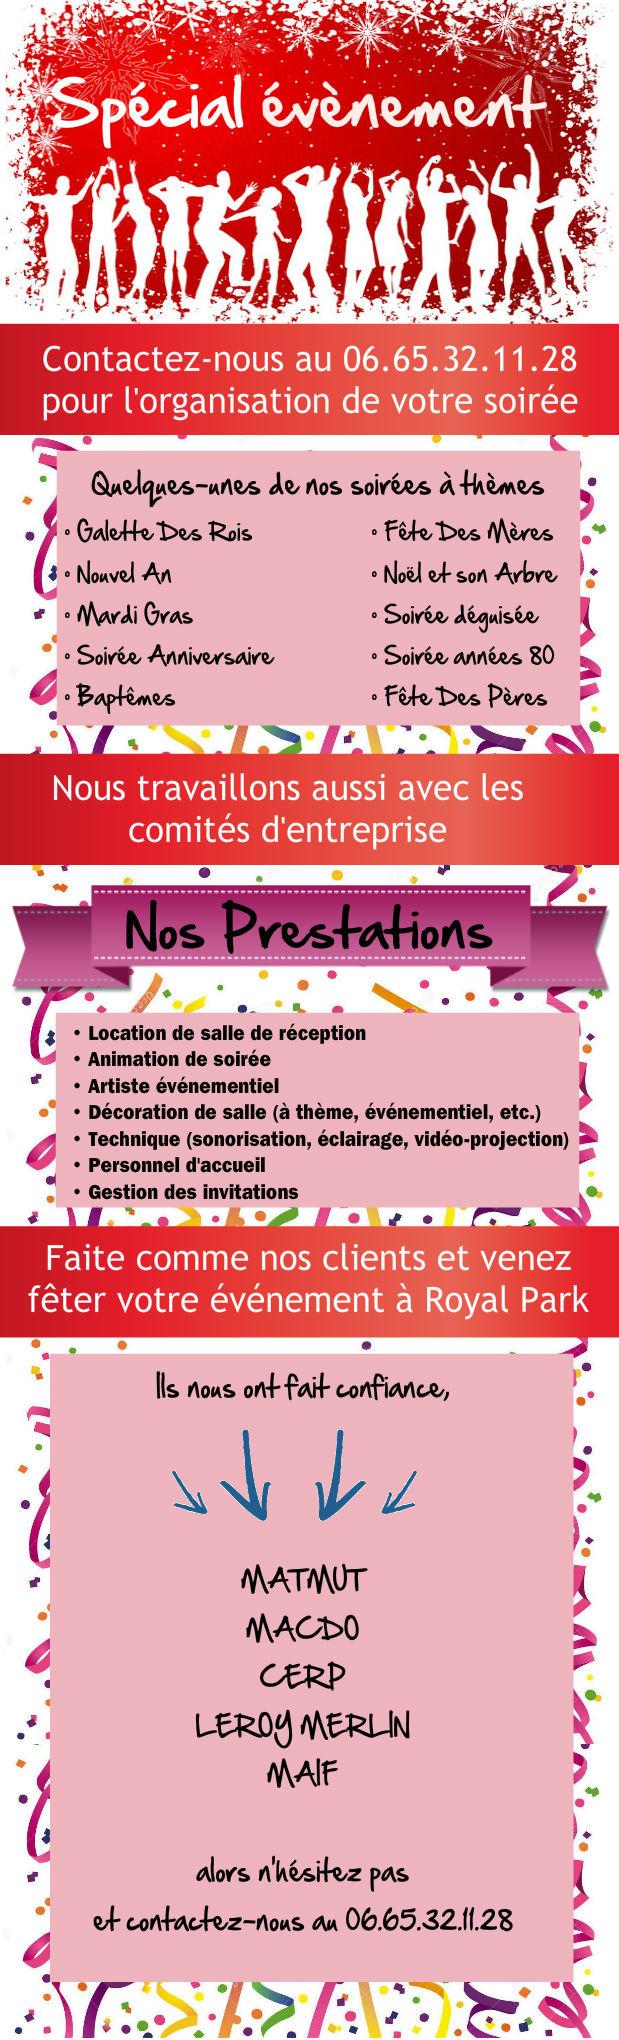 Royal Park Événement pour tous Nimes